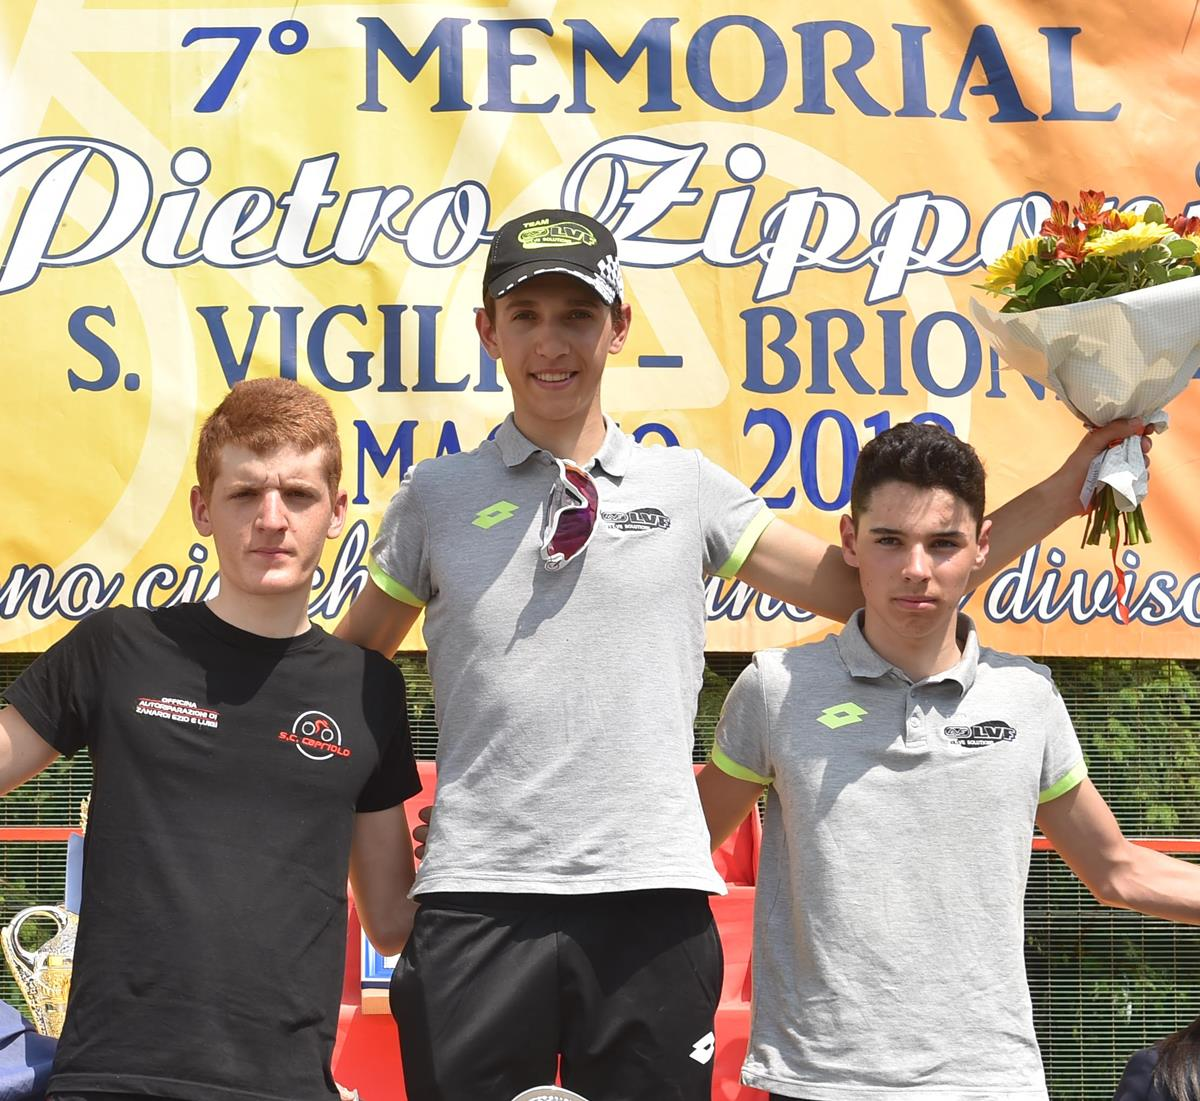 Il podio della San Vigilio - Brione 2018